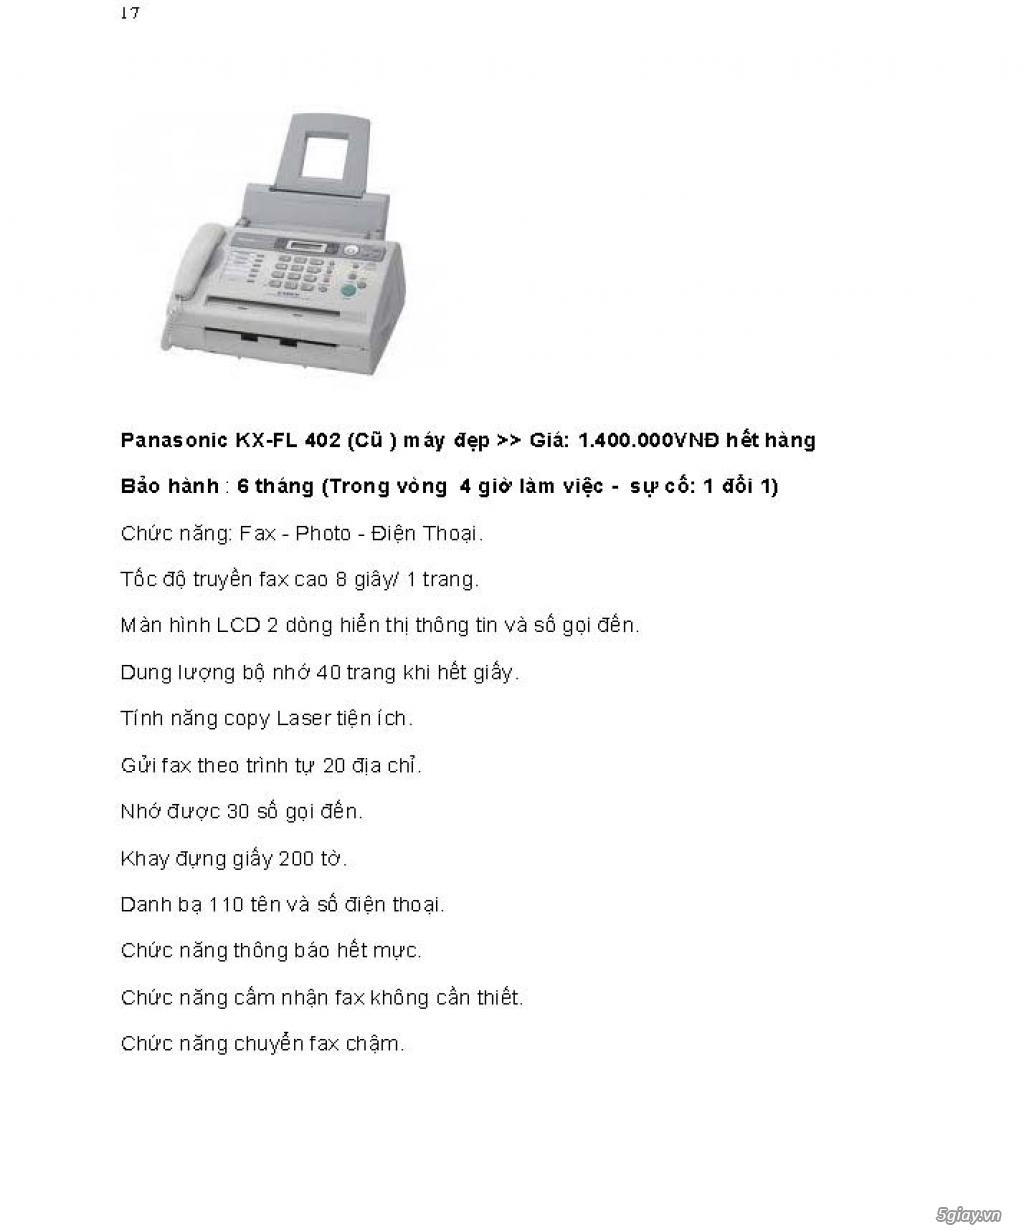 Sửa chữa Bộ Đàm,Máy Fax,Tổng Đài - 28